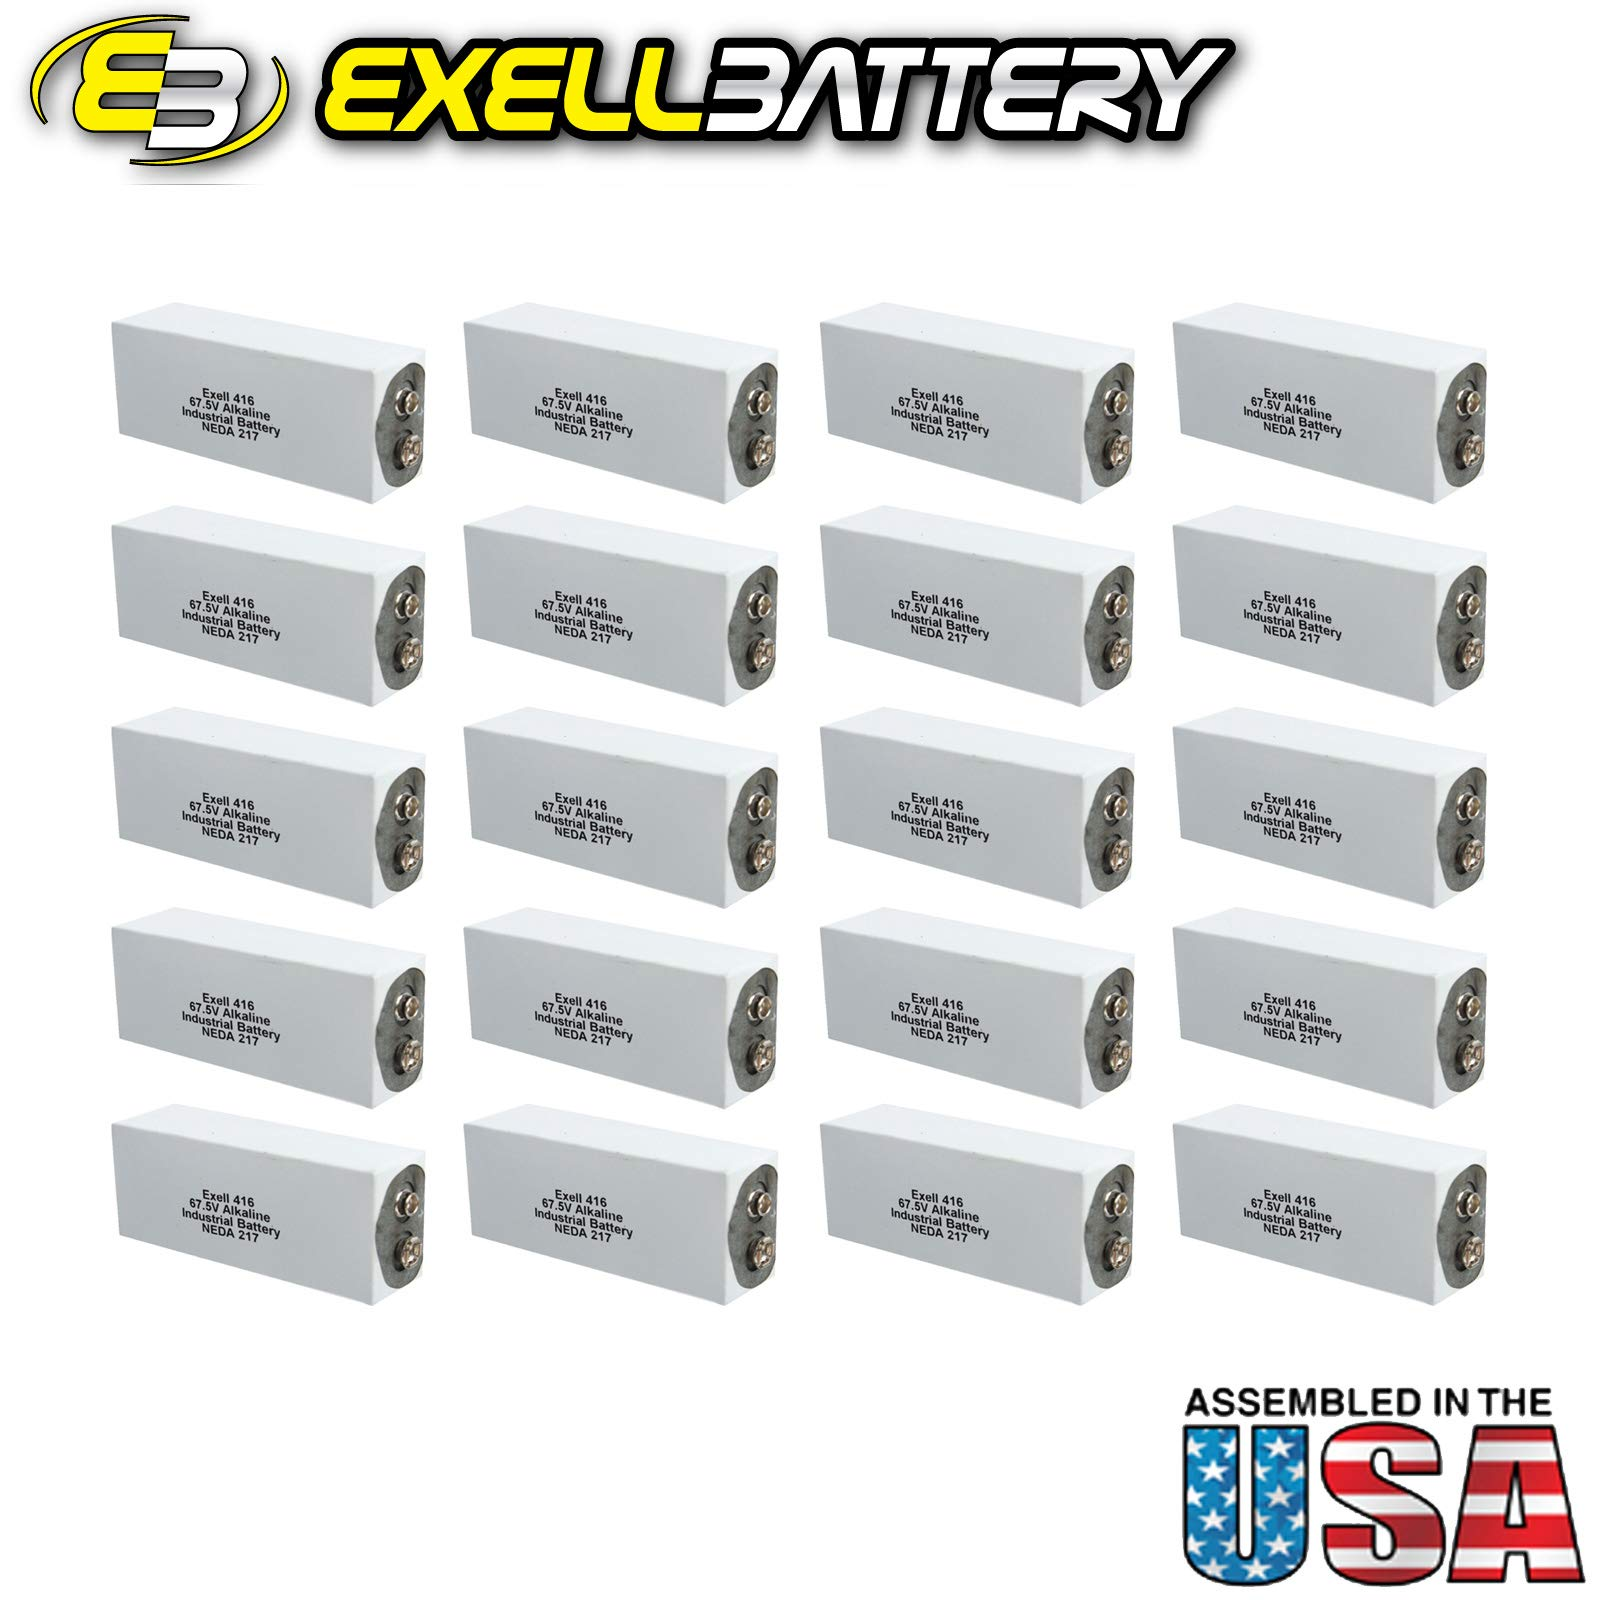 20pc Exell 416A Alkaline 67.5V Battery NEDA 217, A416, ER-416